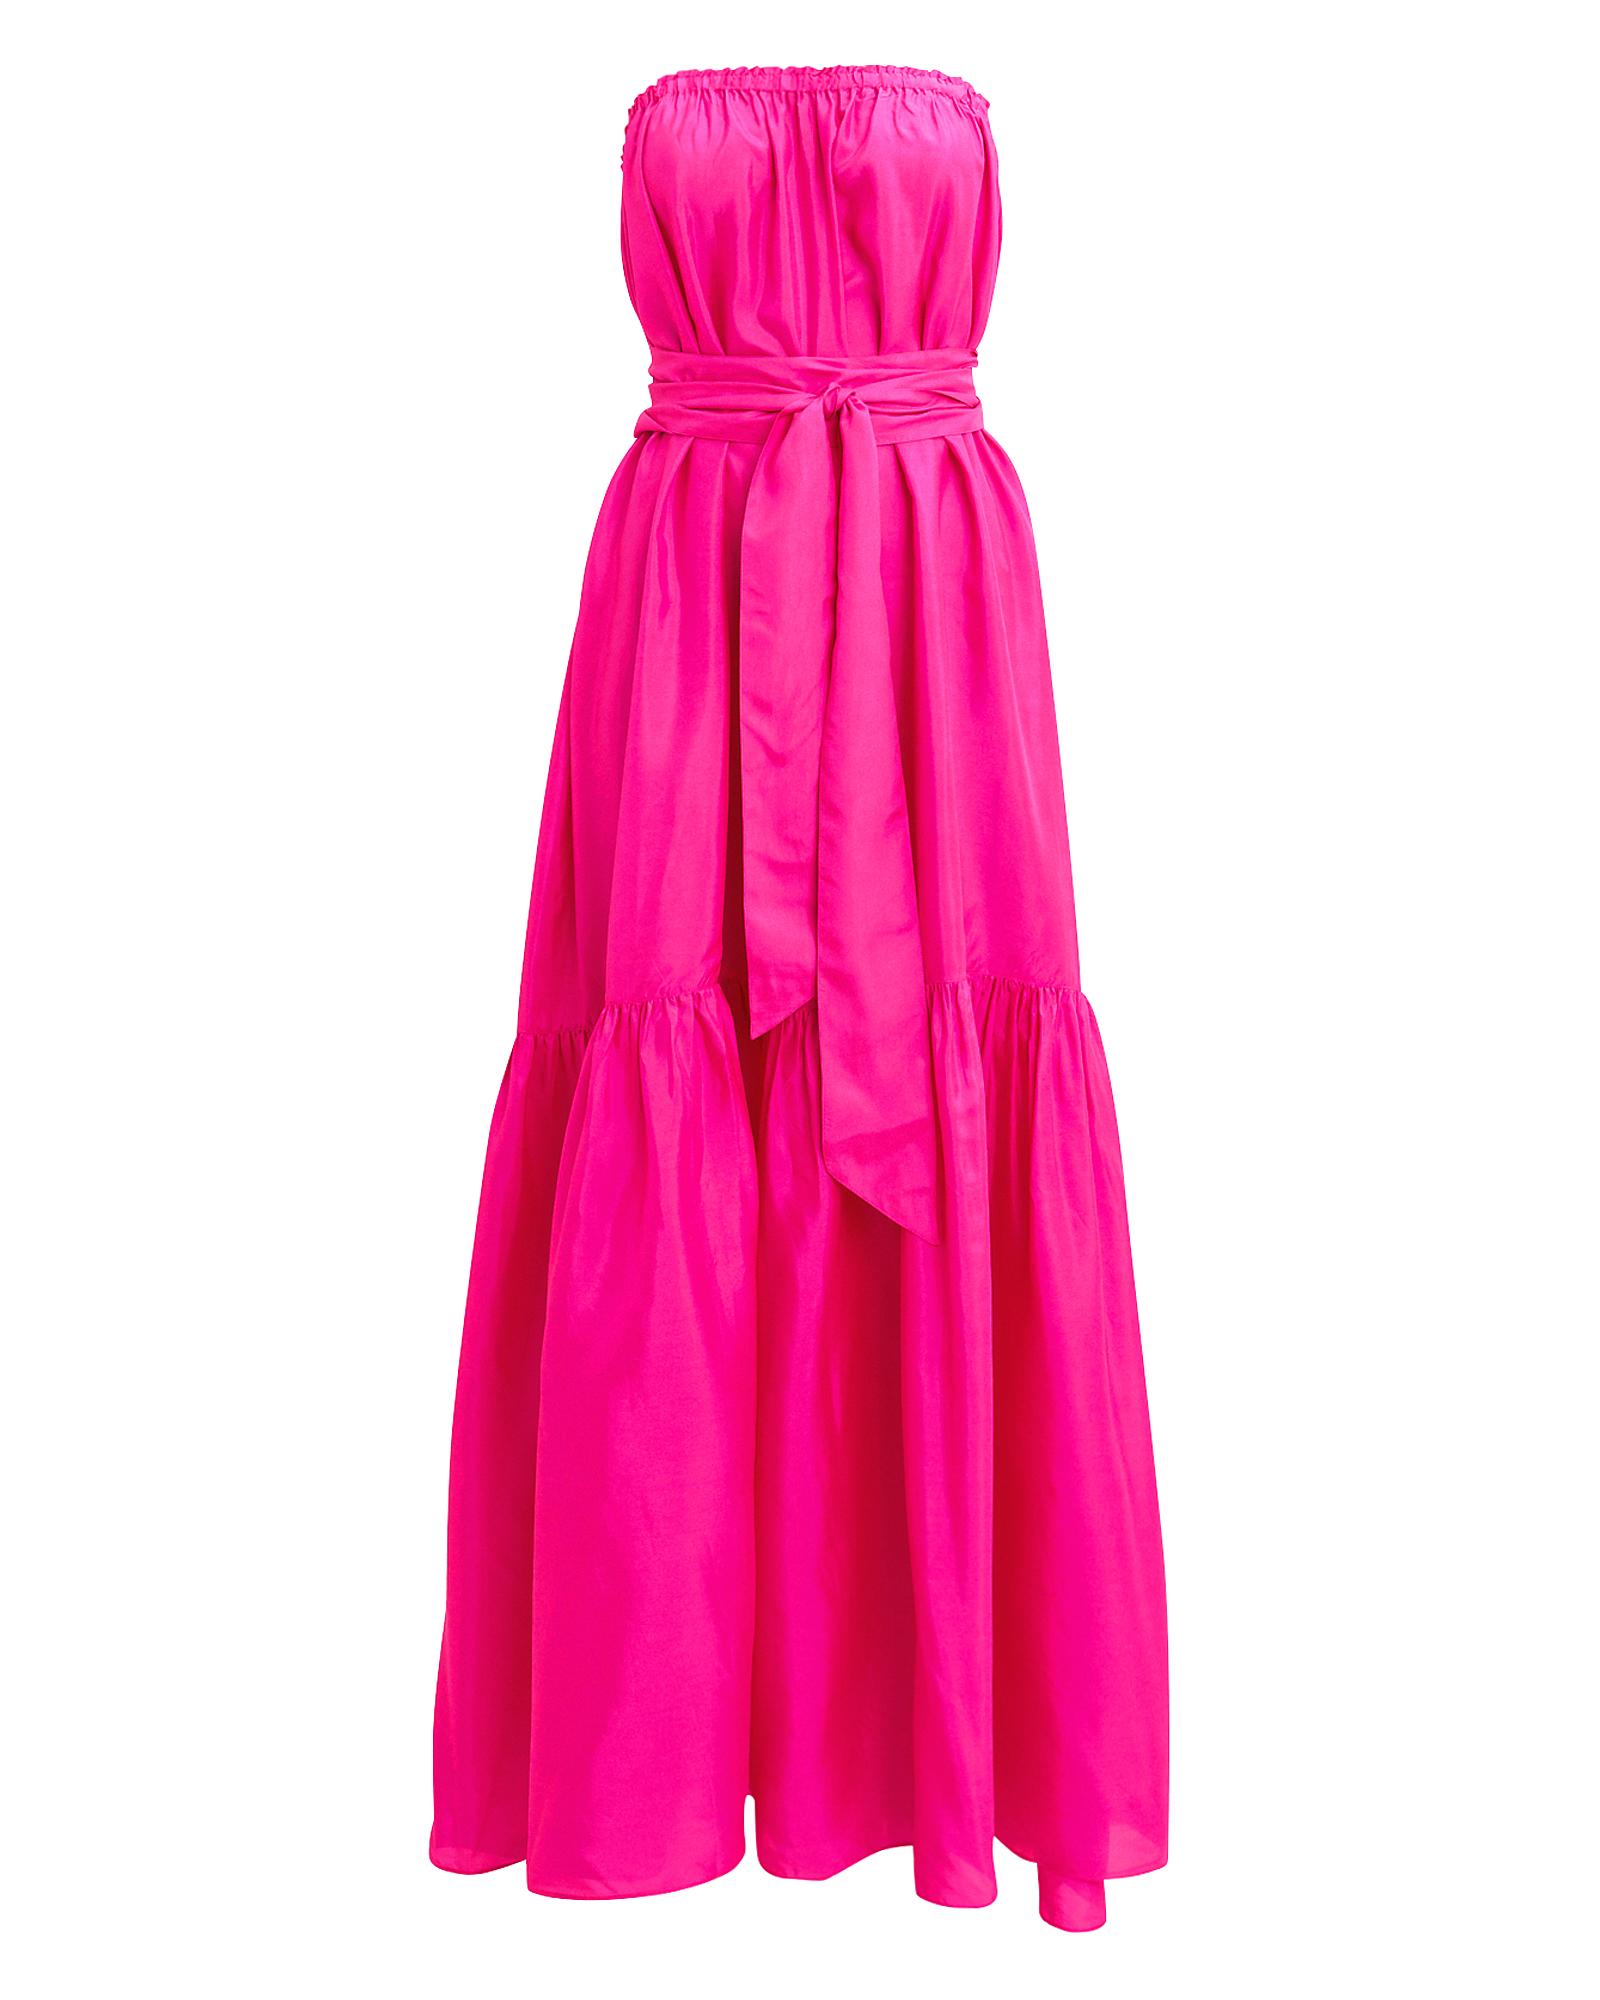 ANNAK Anaak Sakura Strapless Maxi Dress Shocking Pink